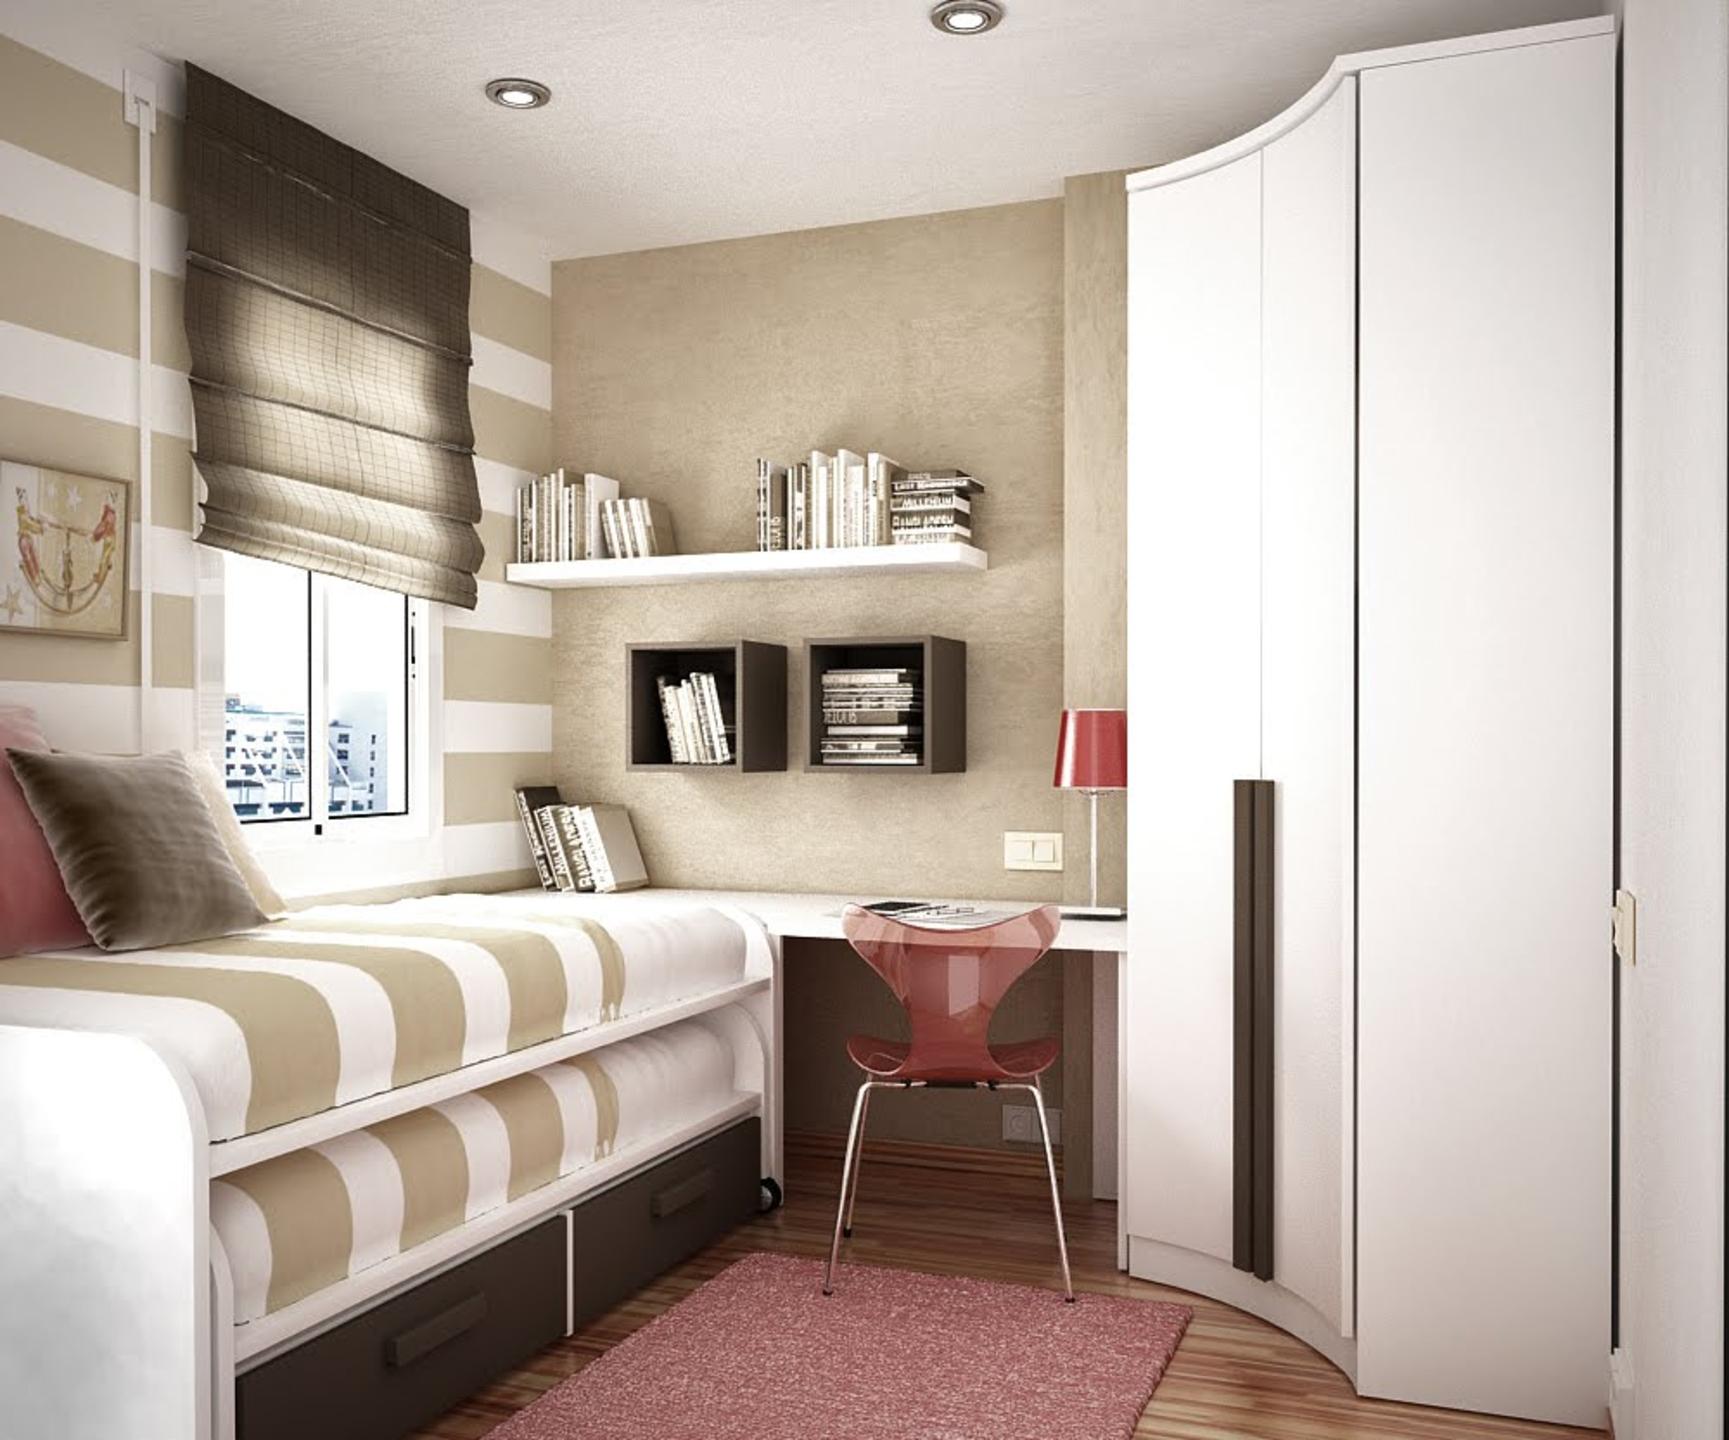 Маленькая квартира - 55 идей дизайна Интерьер Фото